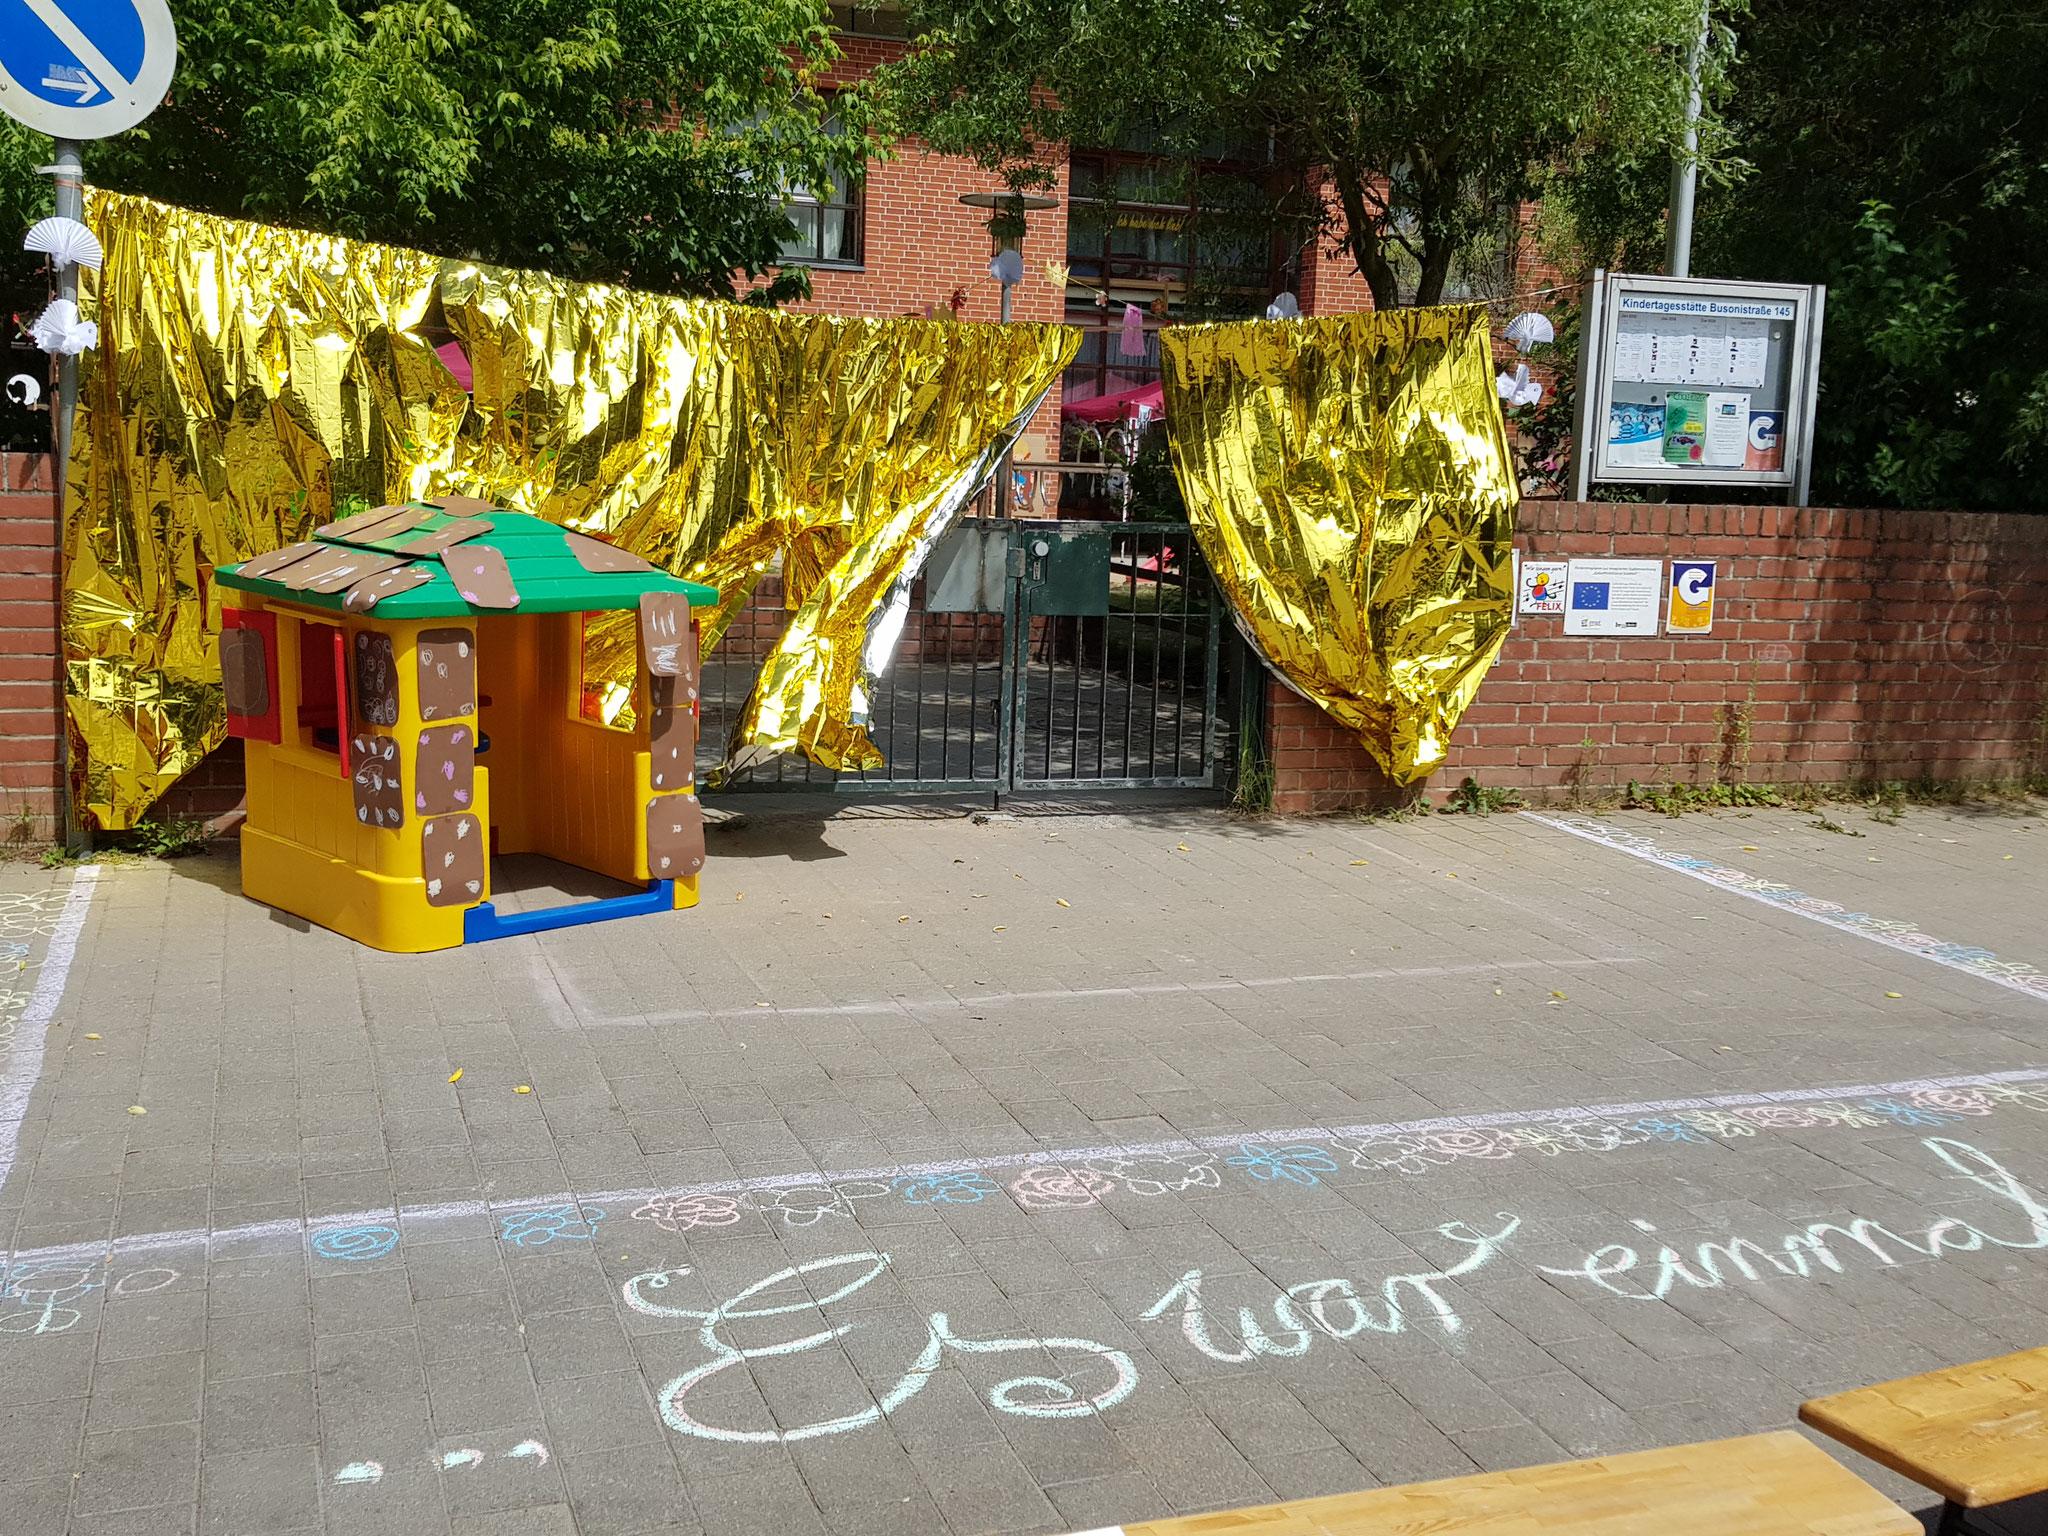 Die Bühne unserer Märchenkinder, diesmal vor dem Tor. Ihr habt das alle super gemacht!